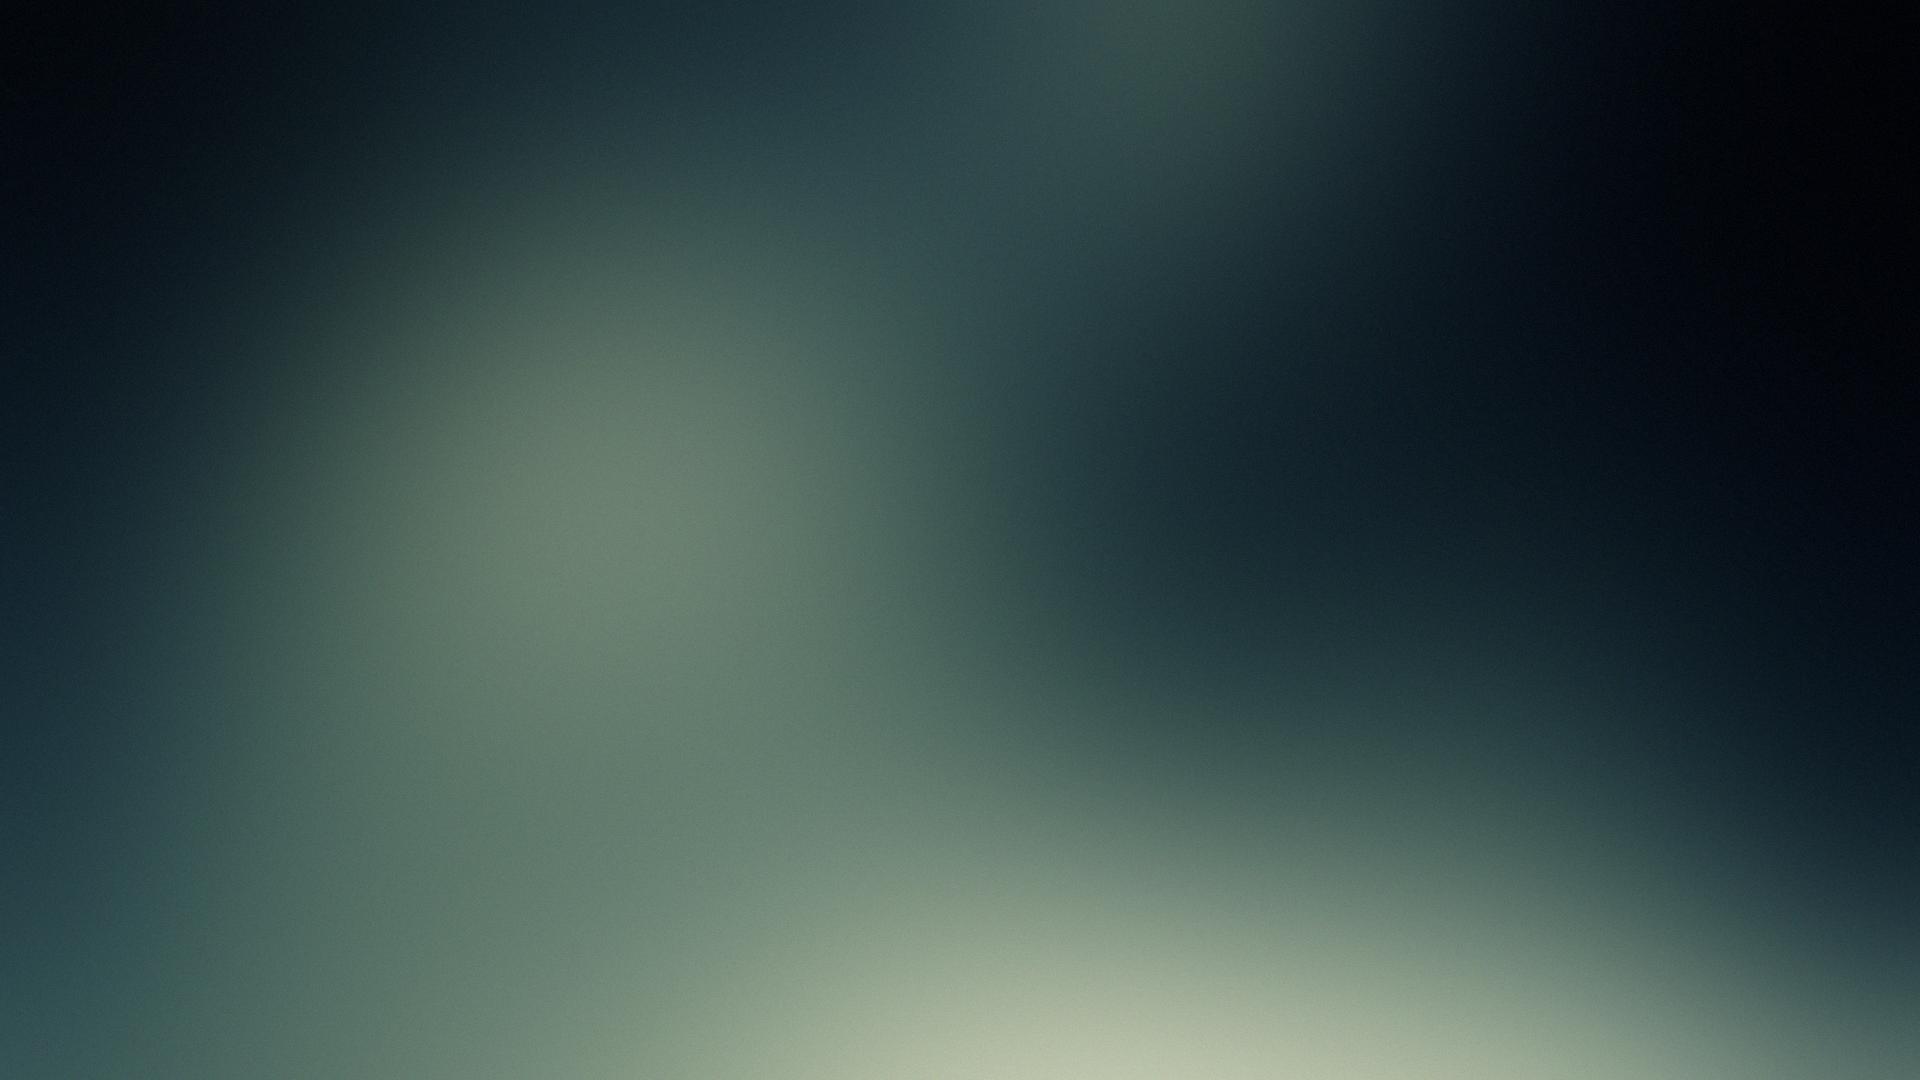 dark gradient wallpaper 26038